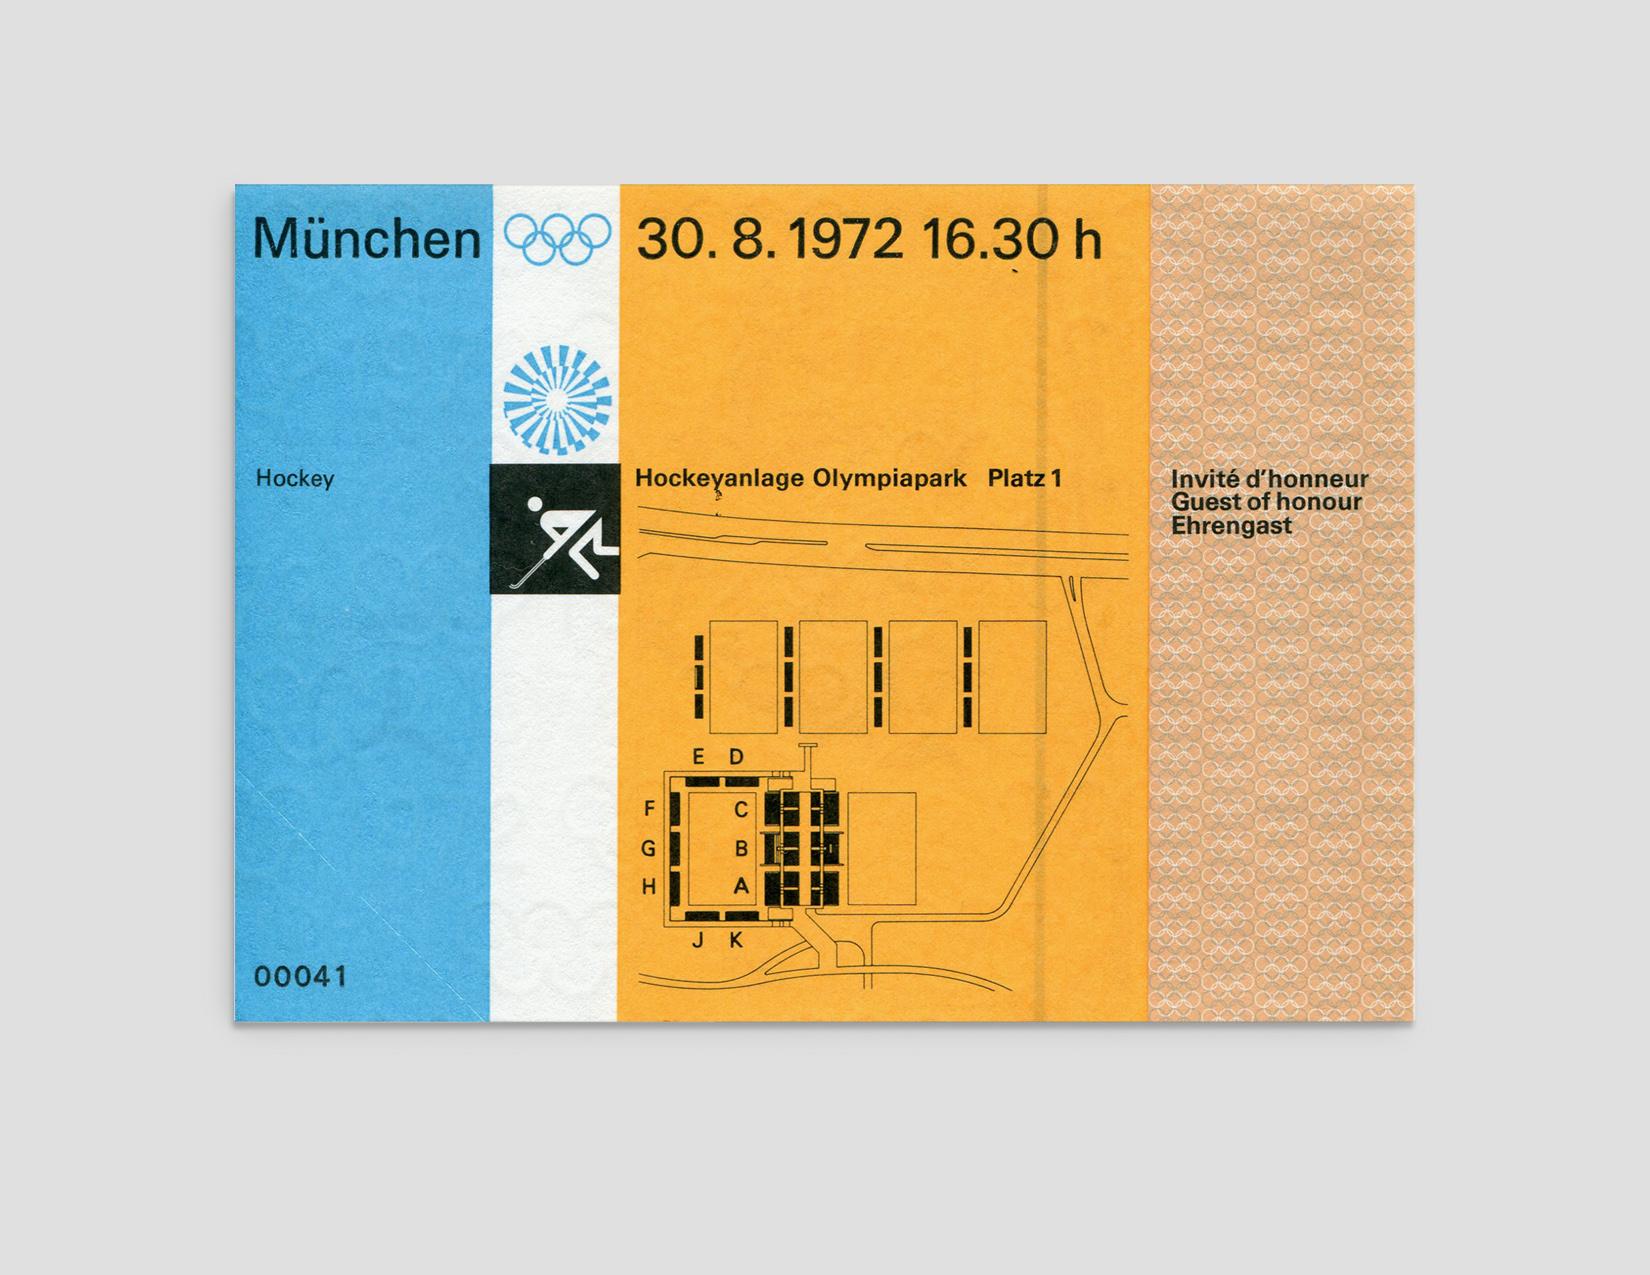 MunichTicket3.jpg